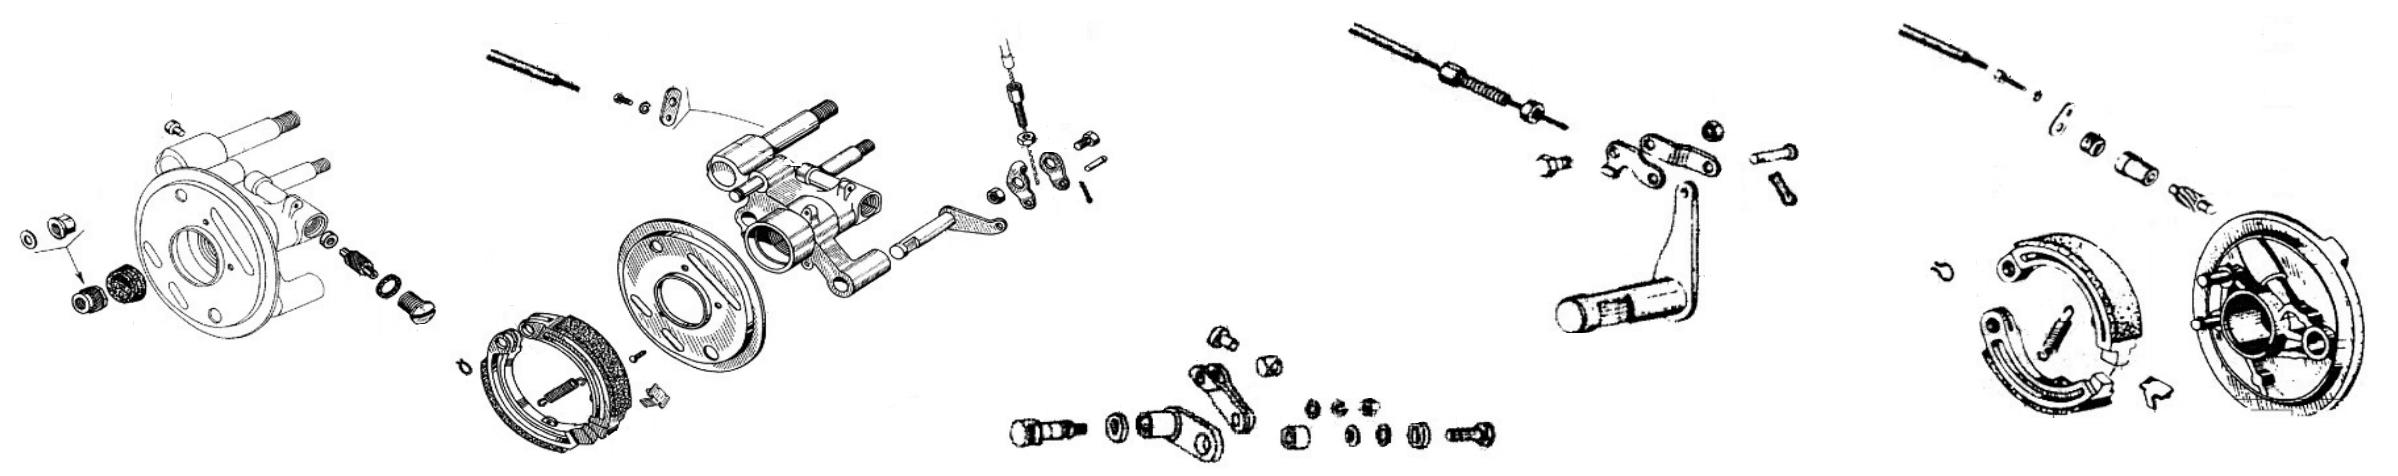 Freno anteriore e ingranaggio contachilometri